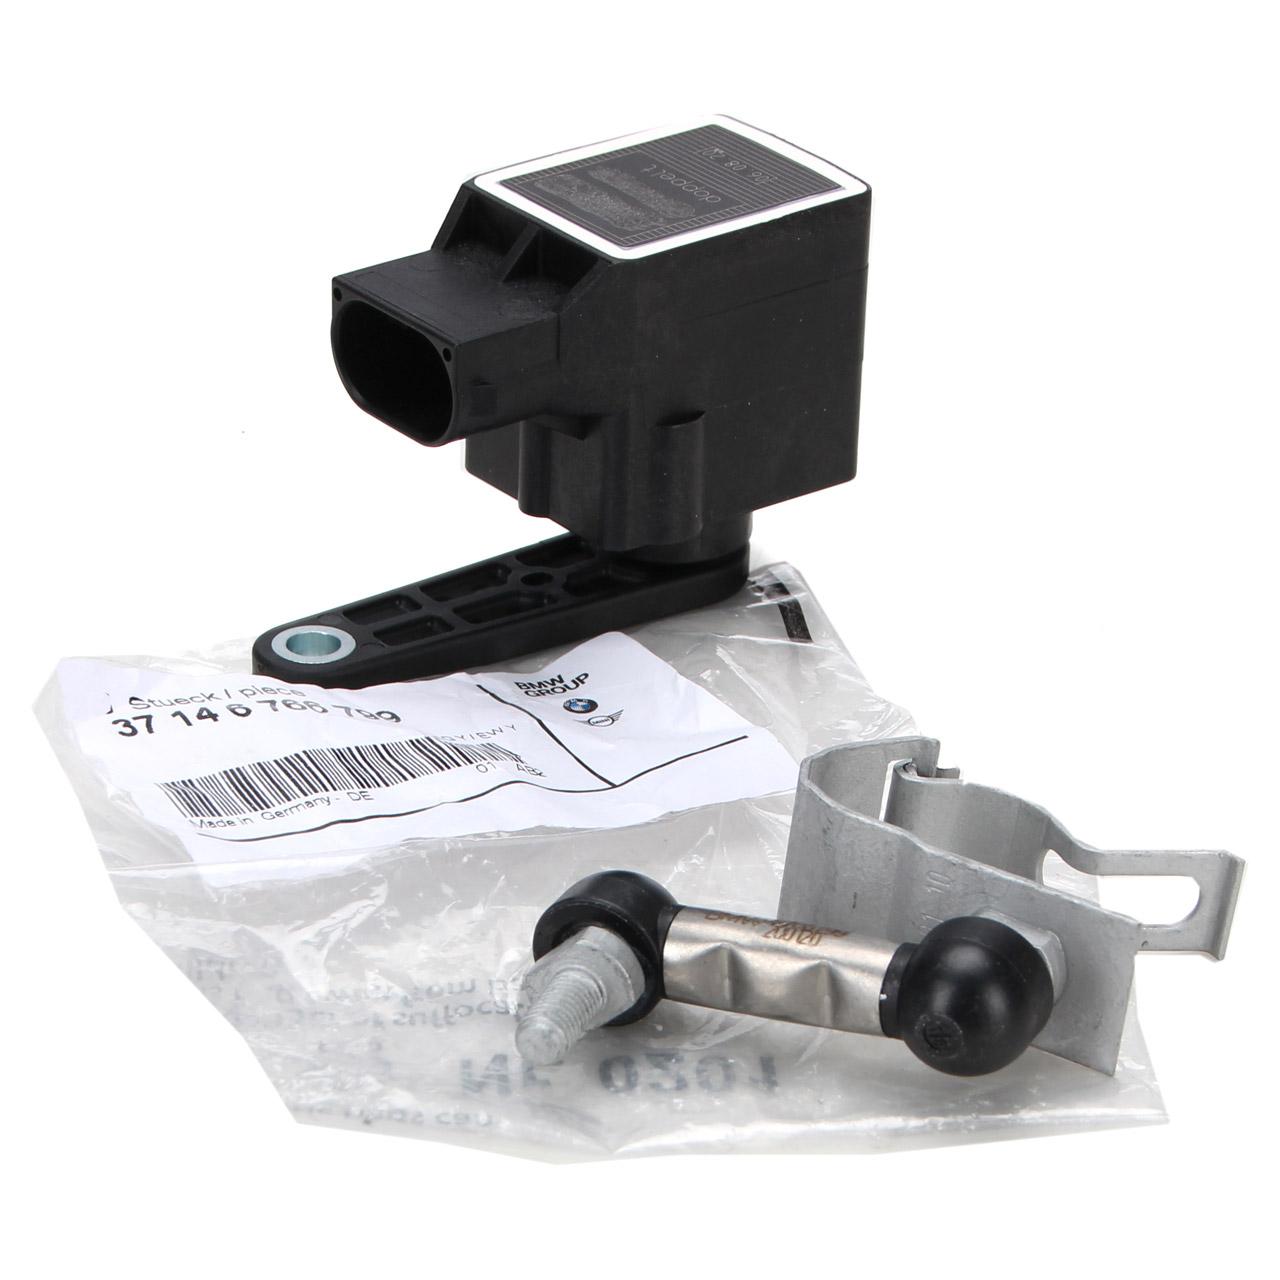 ORIGINAL BMW Regelstange + Niveausensor Xenonlicht Leuchtweitensensor X5 E53